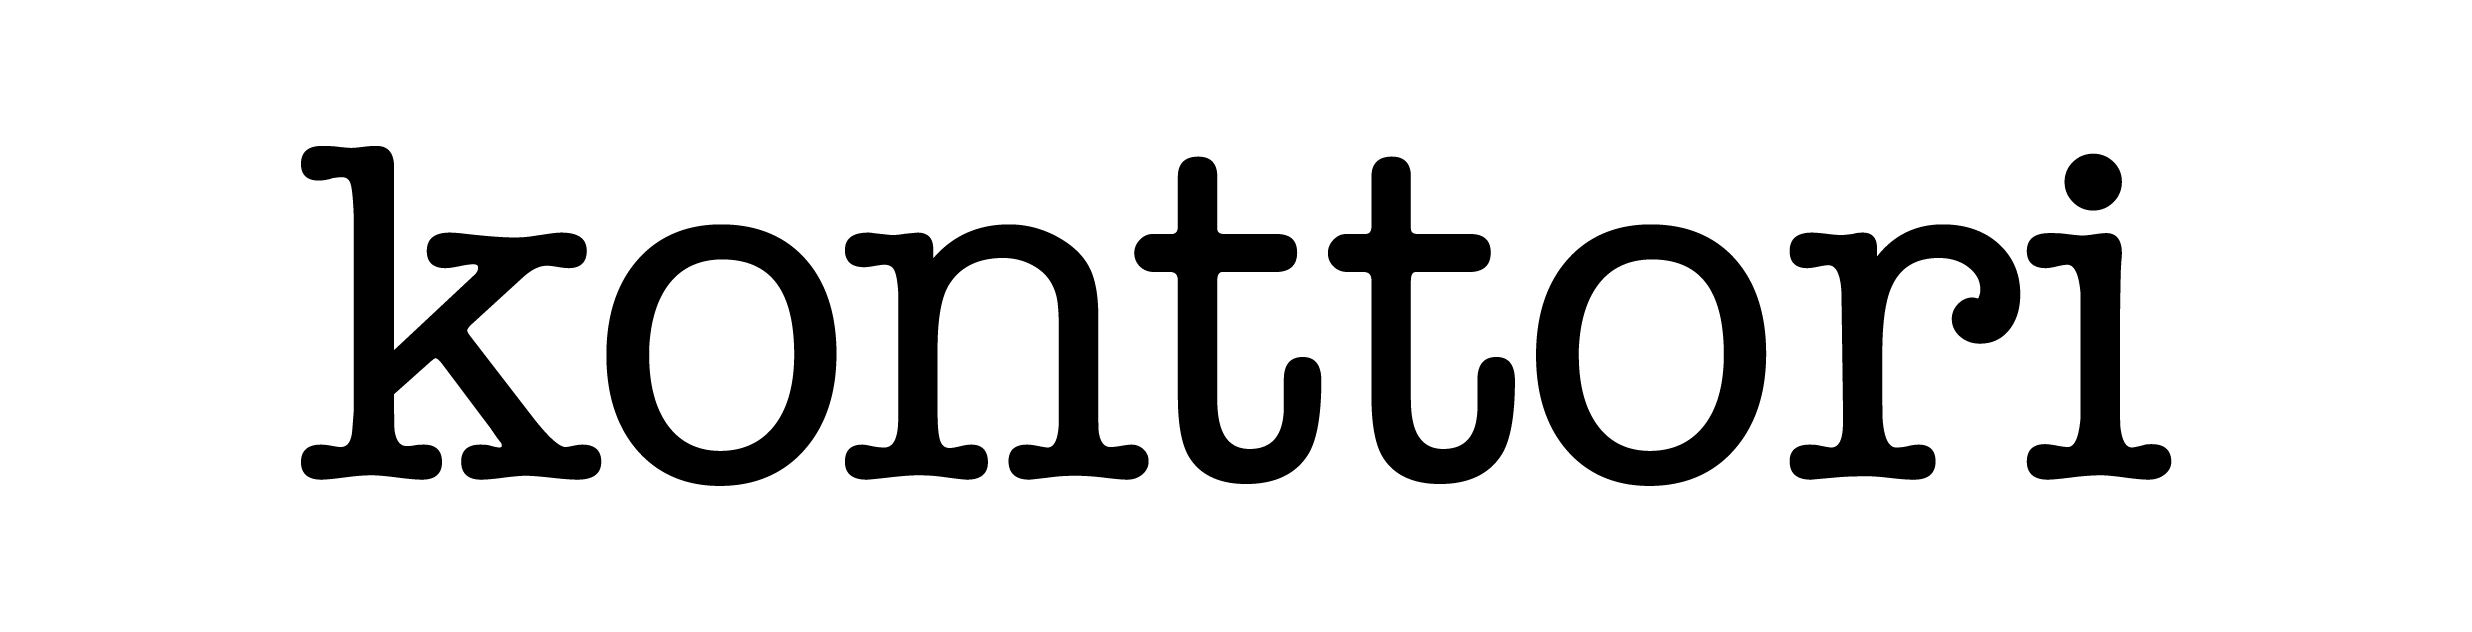 konttori-logo-01.png